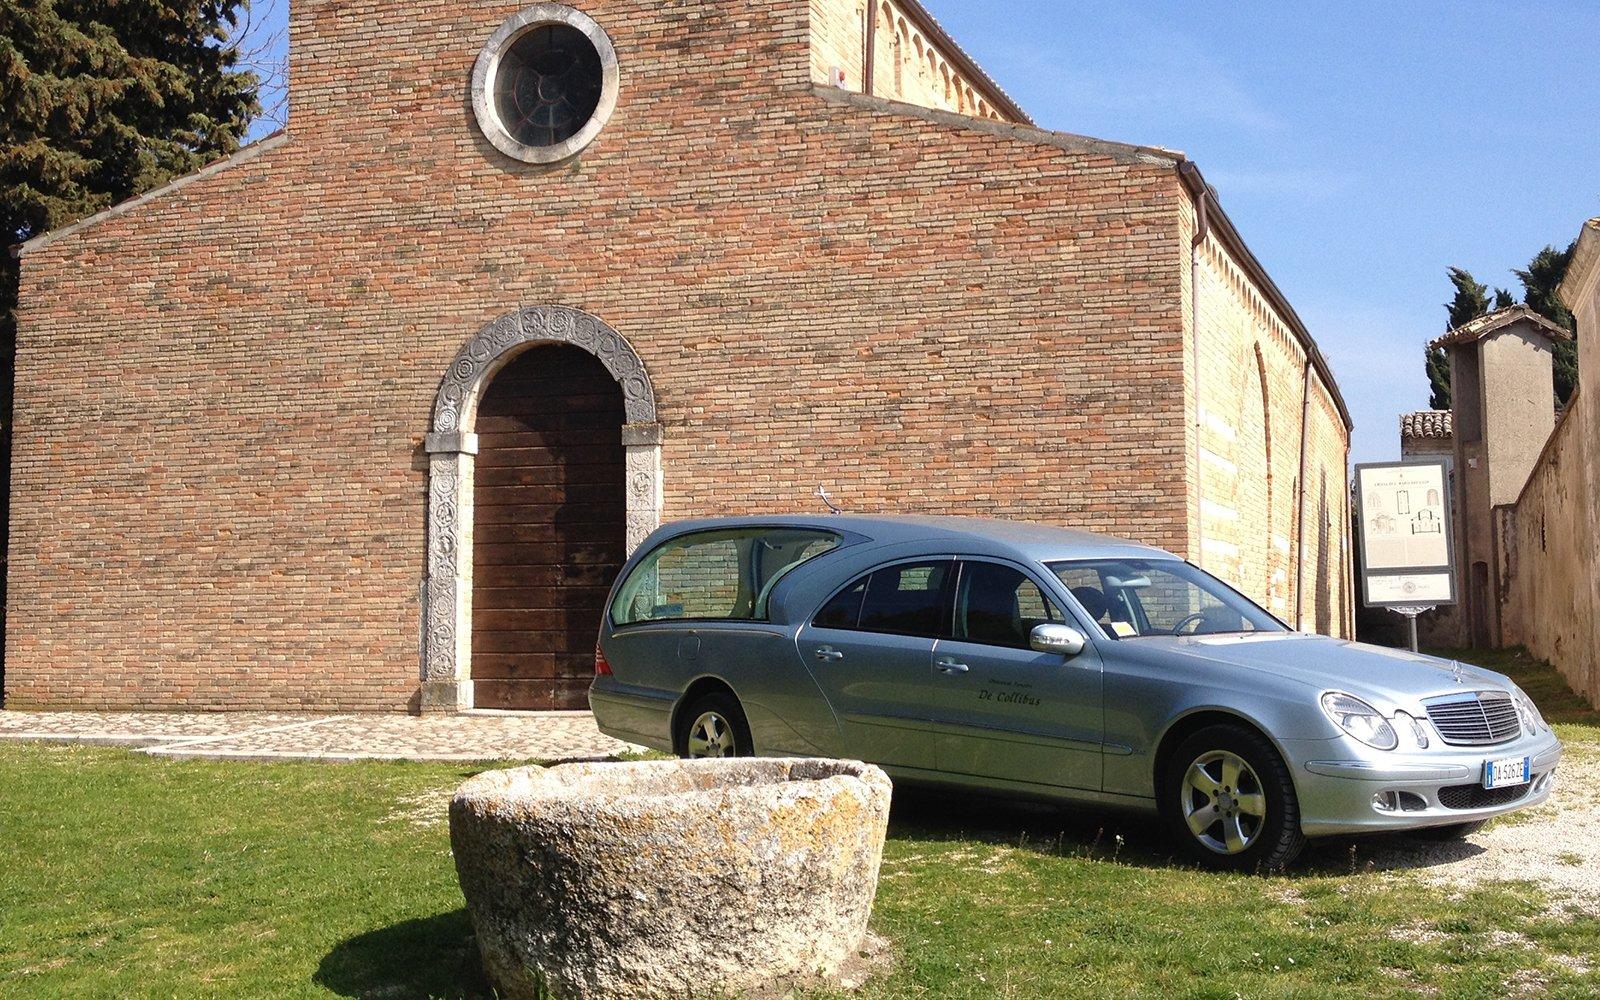 Un auto funebre grigria davanti una chiesa